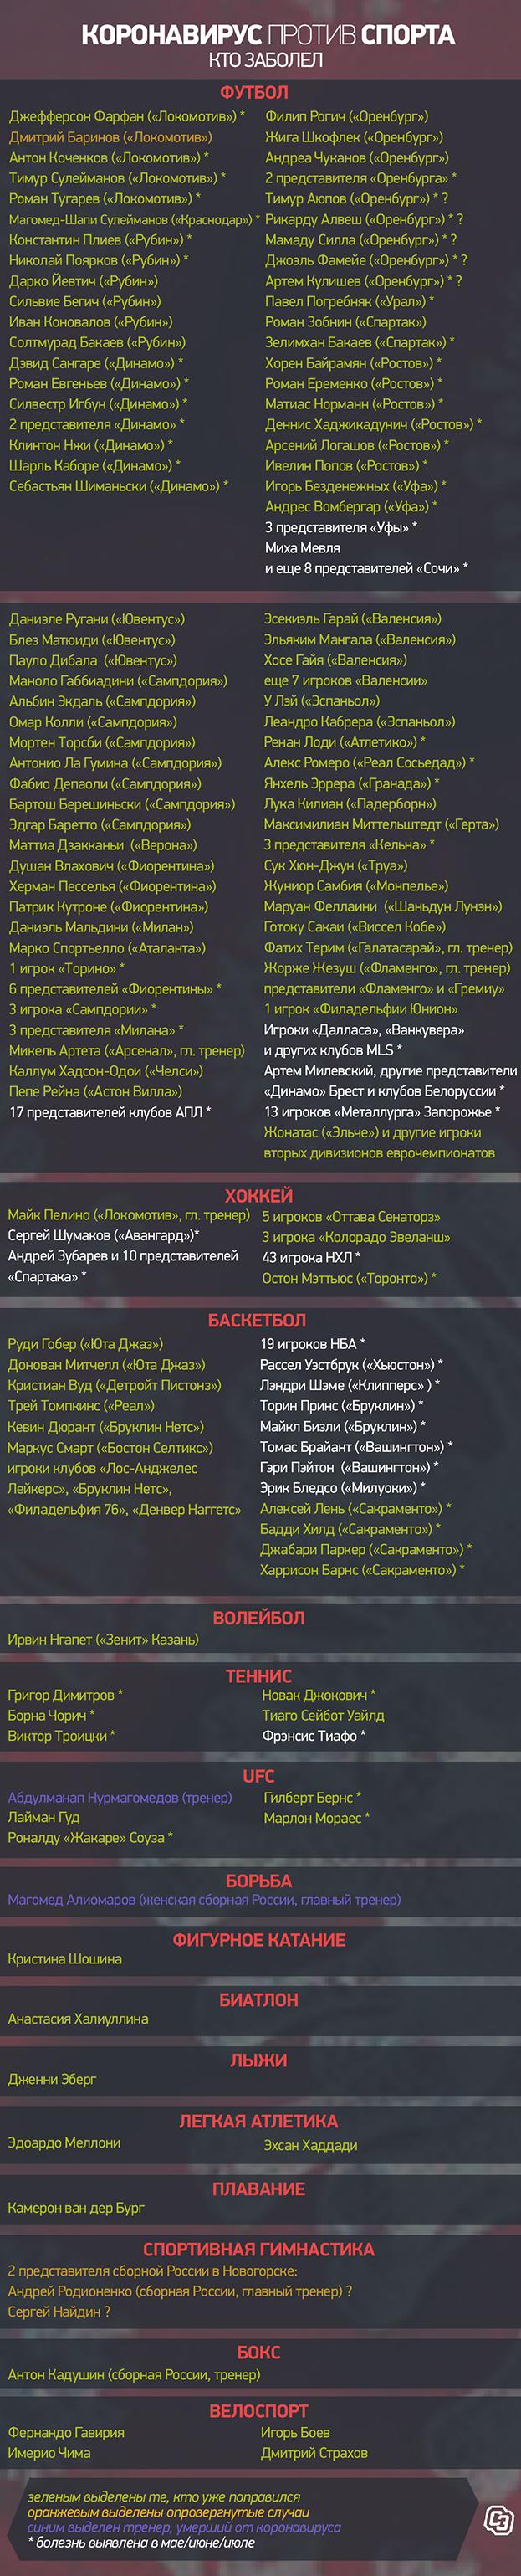 Список спортсменов, заболевших коронавирусом. Фото «СЭ»